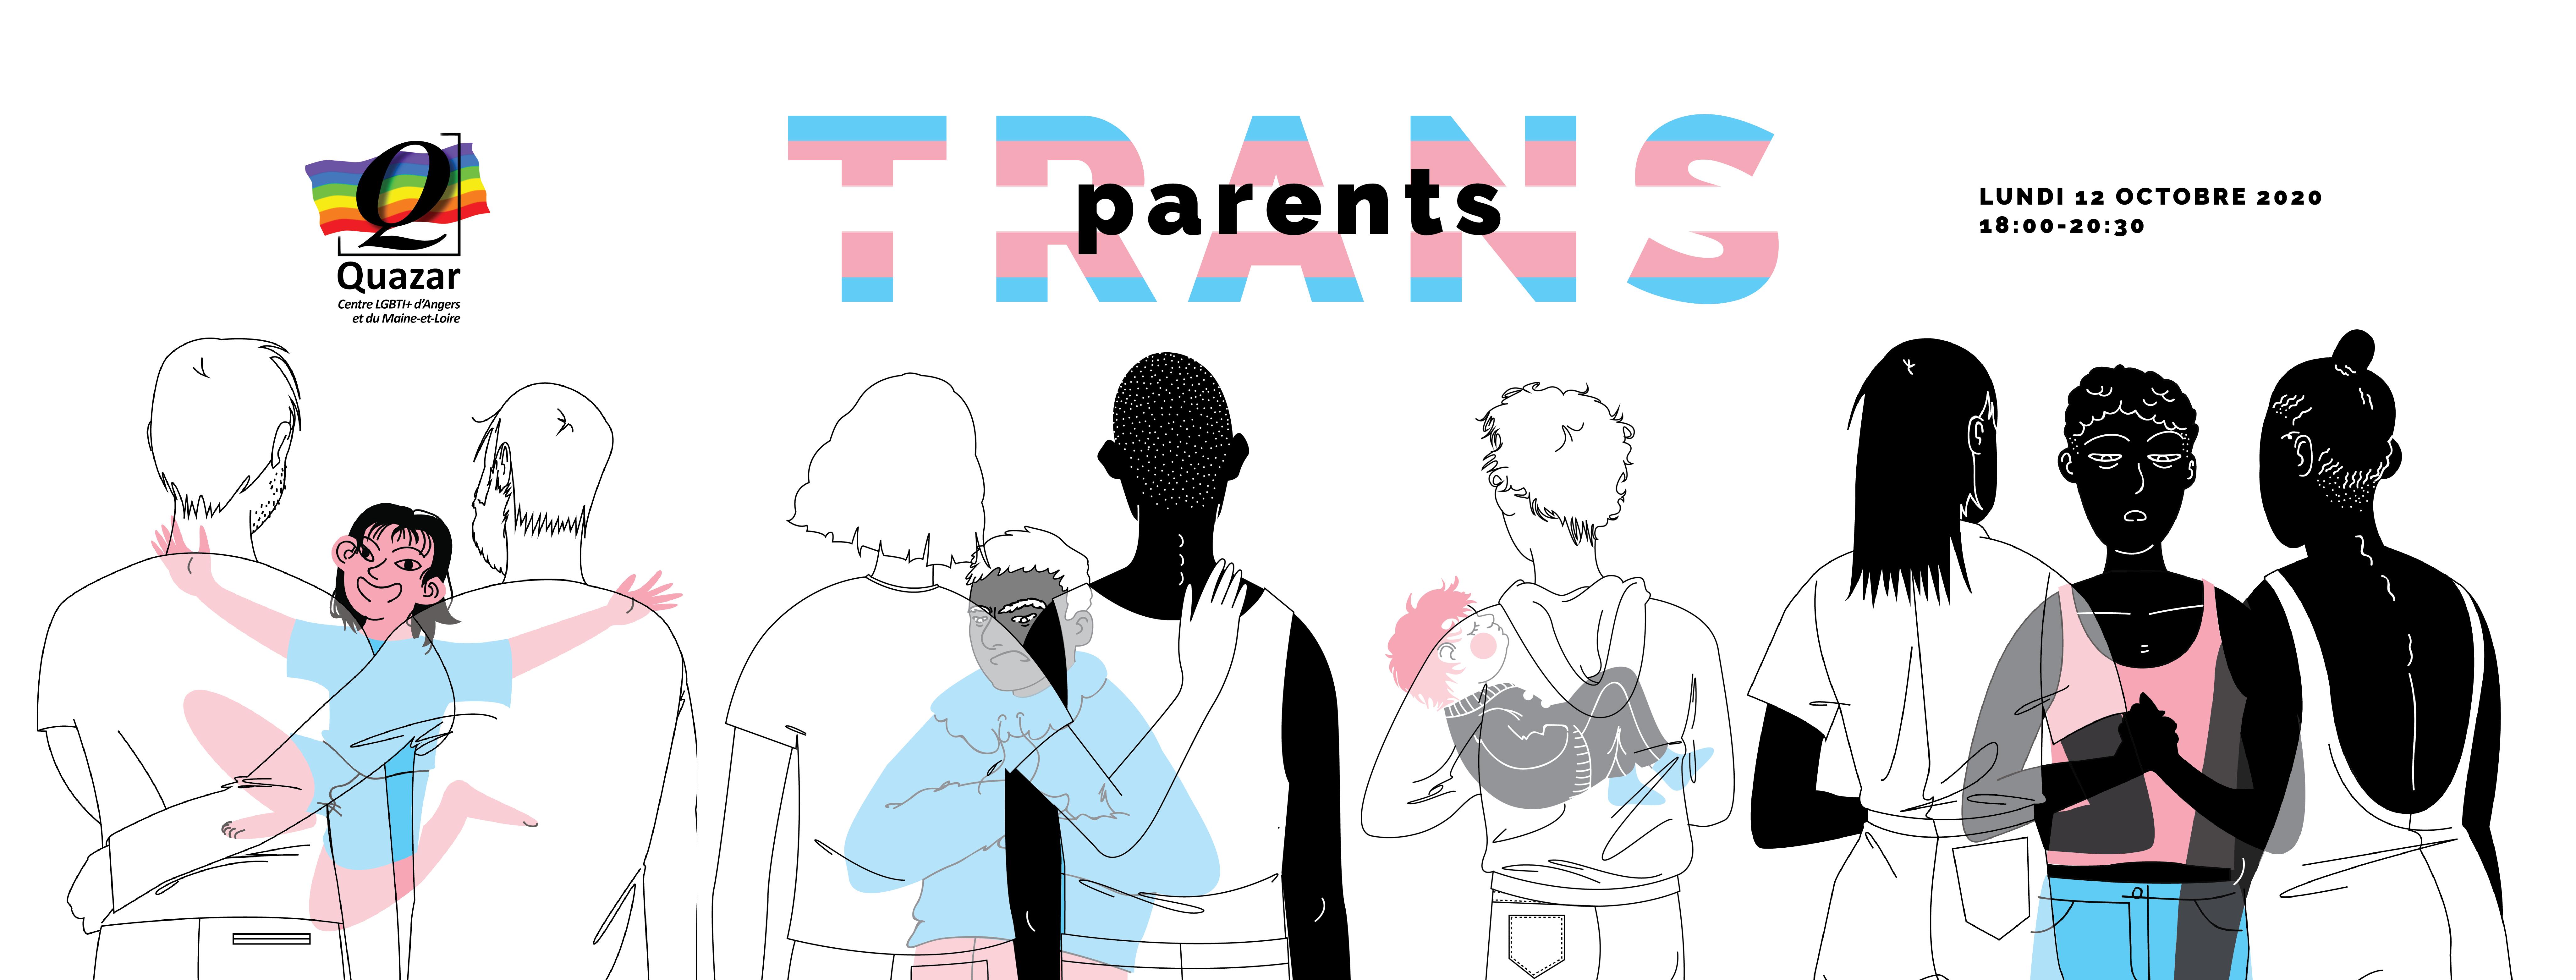 transparents, trans, enfants, parents, familles